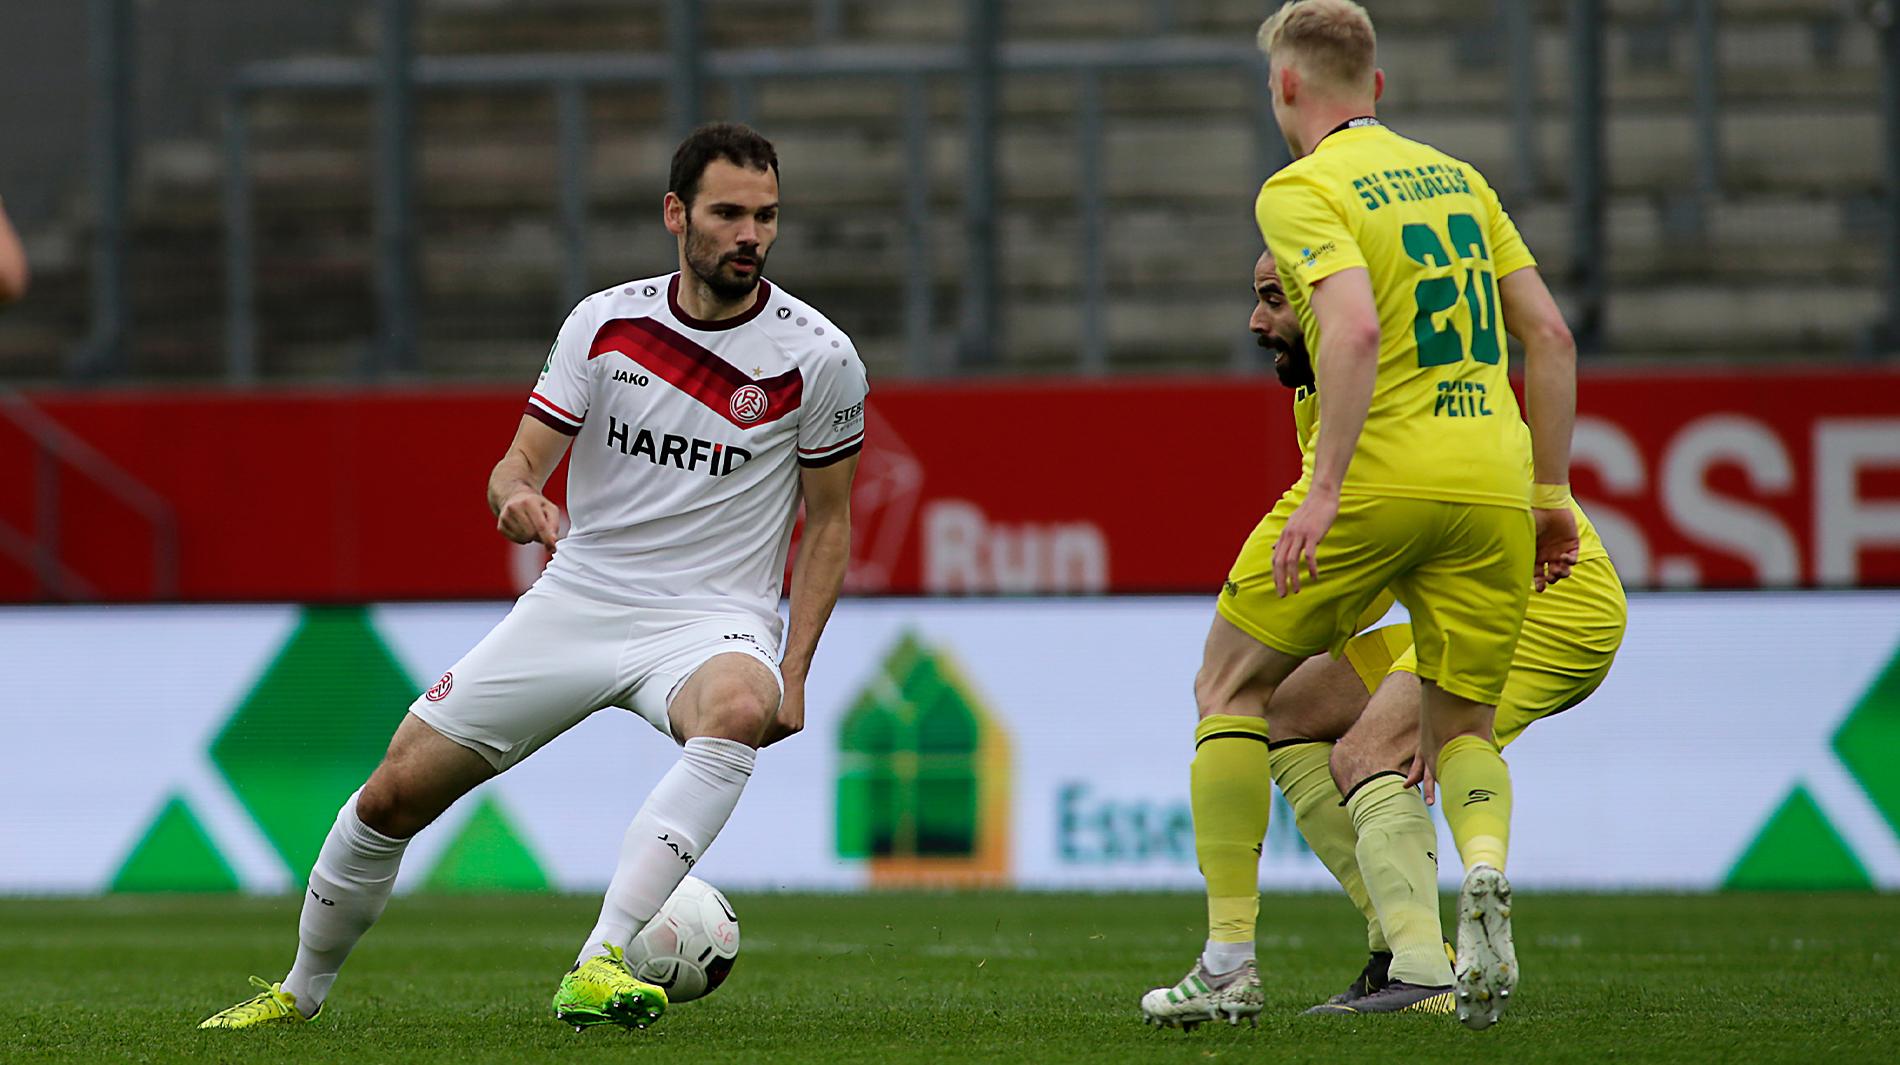 Simon Engelmanns Treffer zum zwischenzeitlichen 1:0 reichte nicht für das Weiterkommen im Niederrheinpokal. (Foto: Endberg)